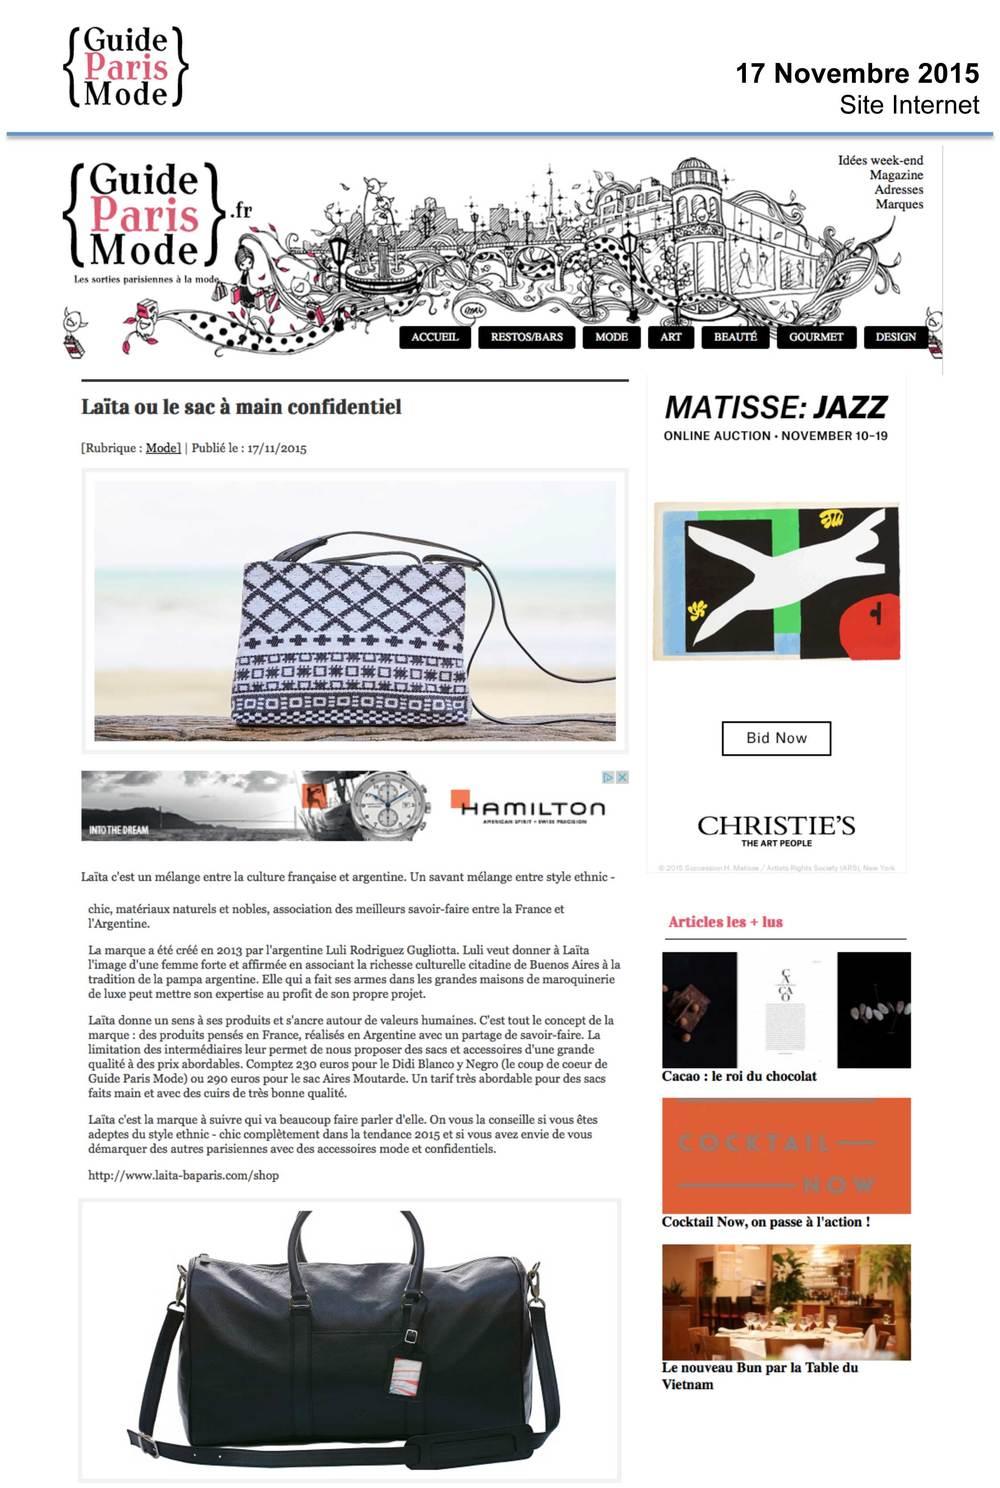 Guide Paris Mode (cliquer pour lire l'article)